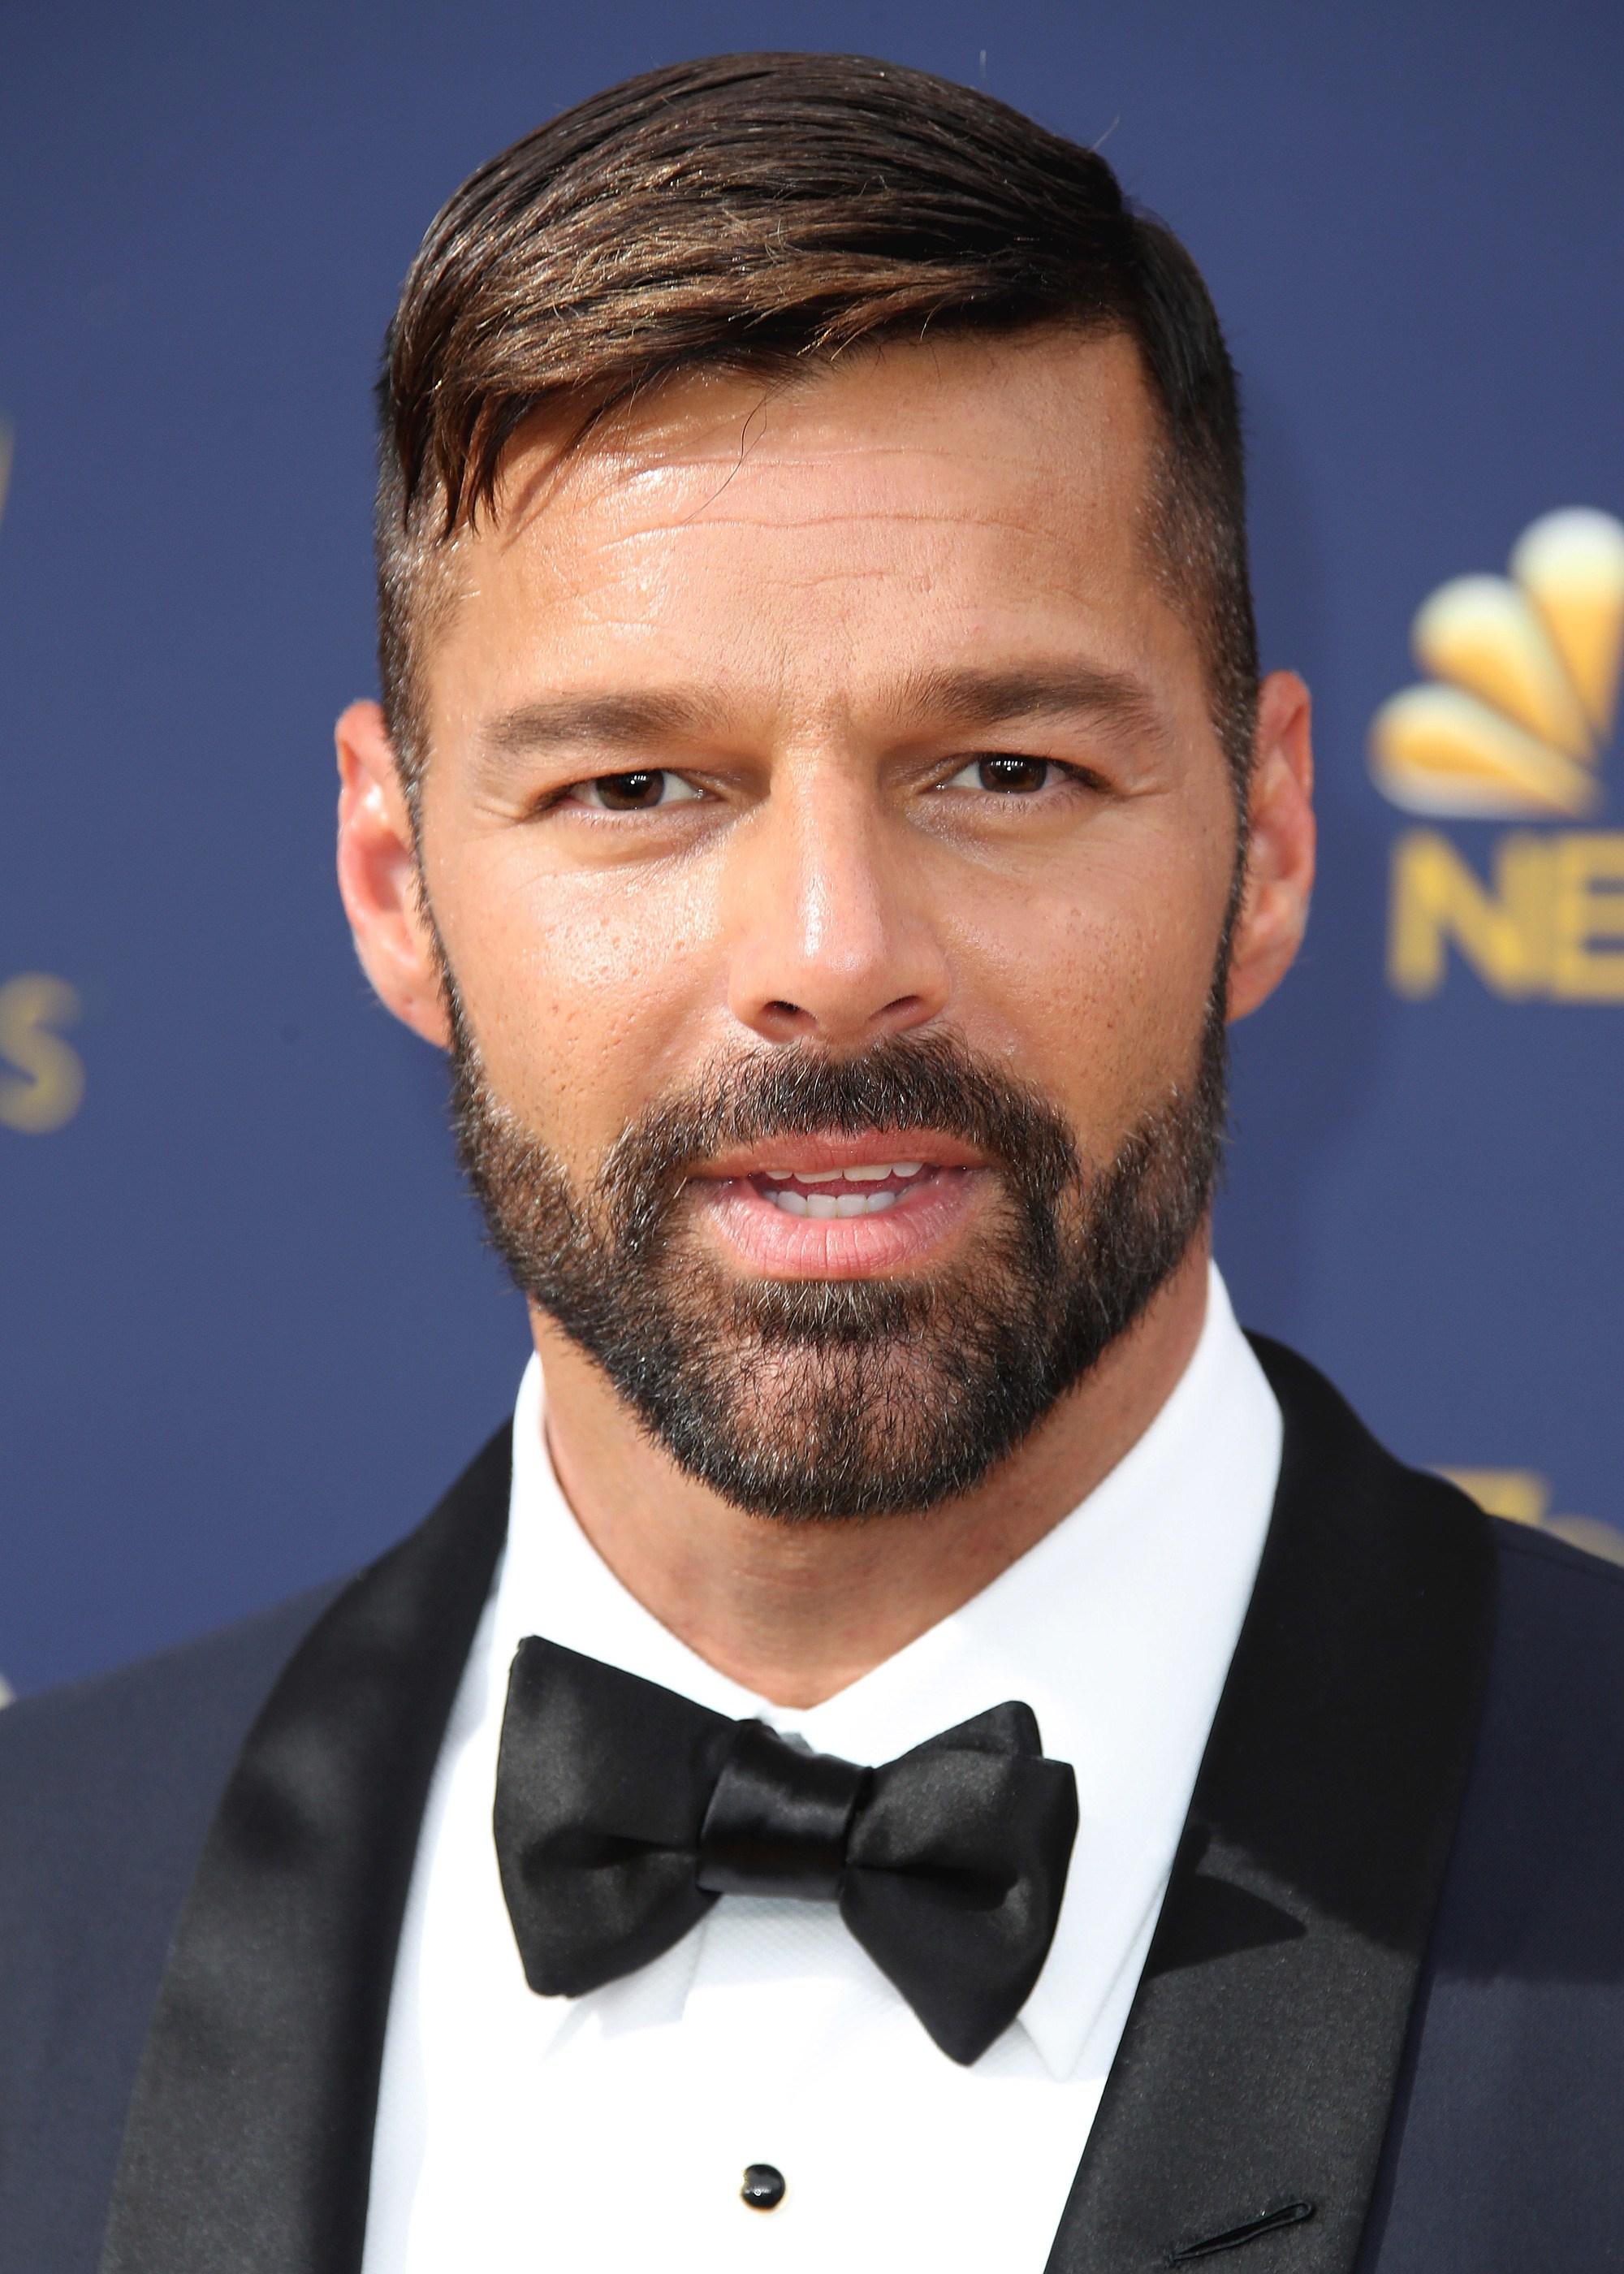 Coiffures pour le recul de la ligne des cheveux : Gros plan de Ricky Martin avec un peigne court aux côtés plus courts et des poils sur le visage